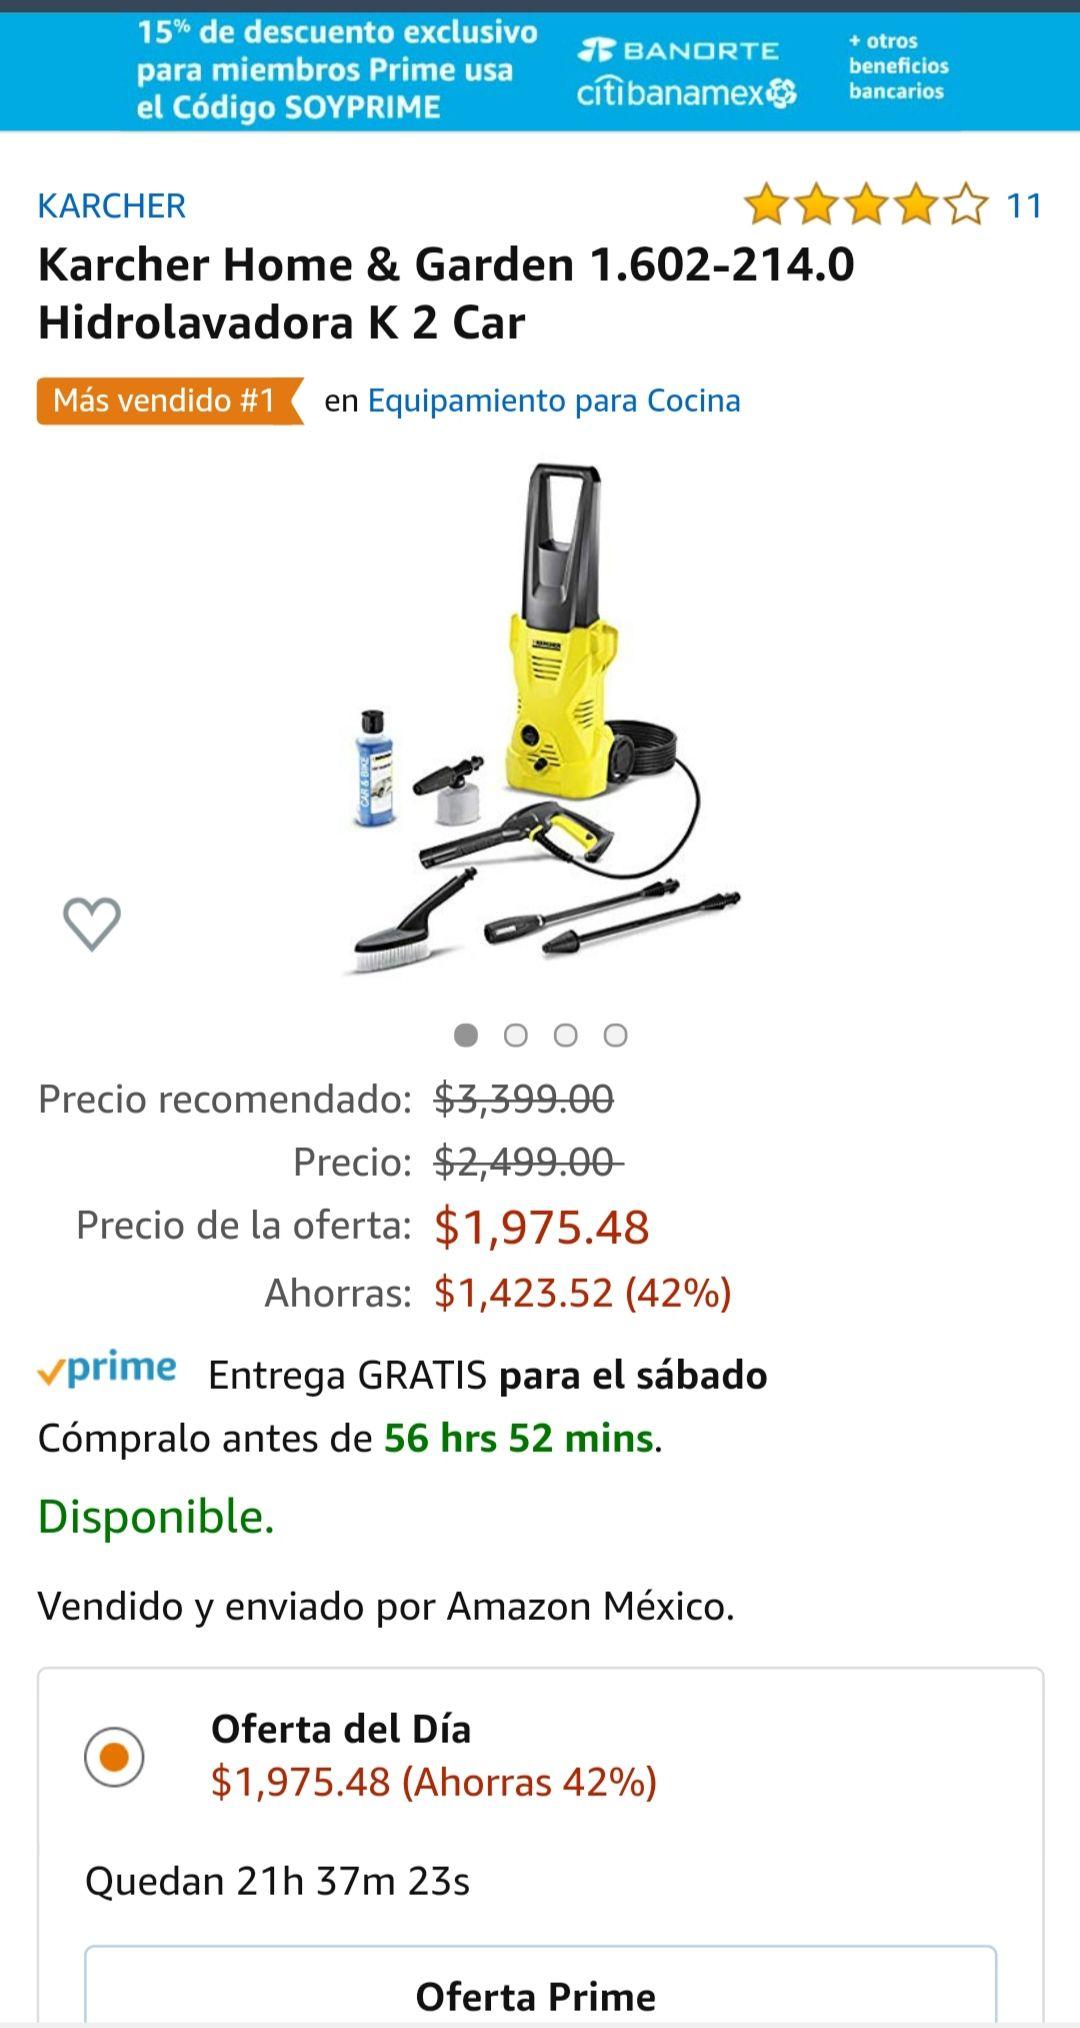 Amazon: Karcher Home & Garden 1.602-214.0 Hidrolavadora K 2 Car